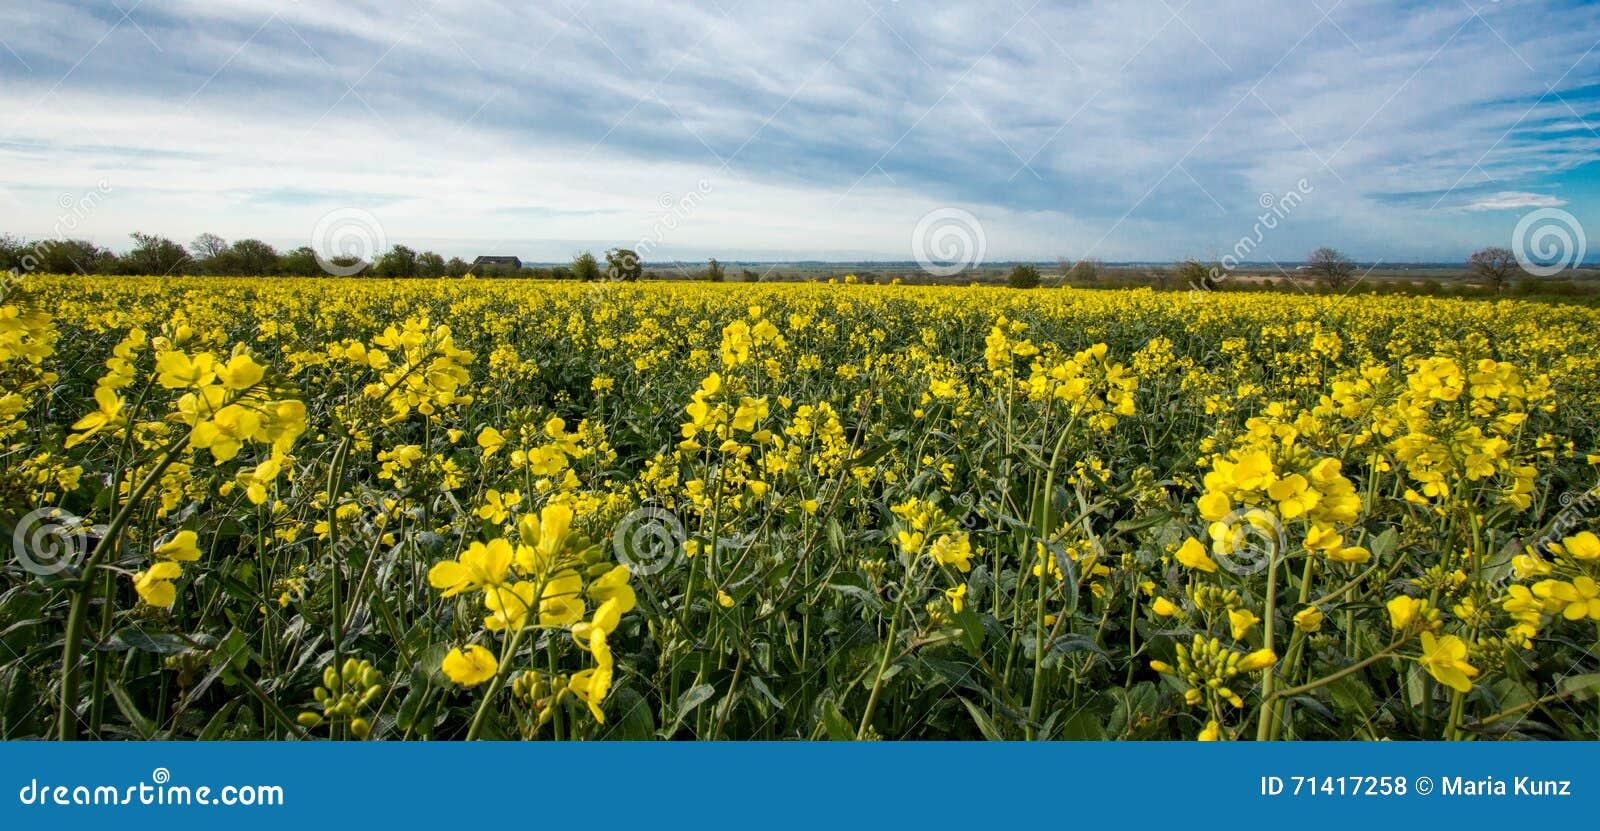 Les fleurs d huile en graine de colza mettent en place avec le ciel bleu et les nuages ! !